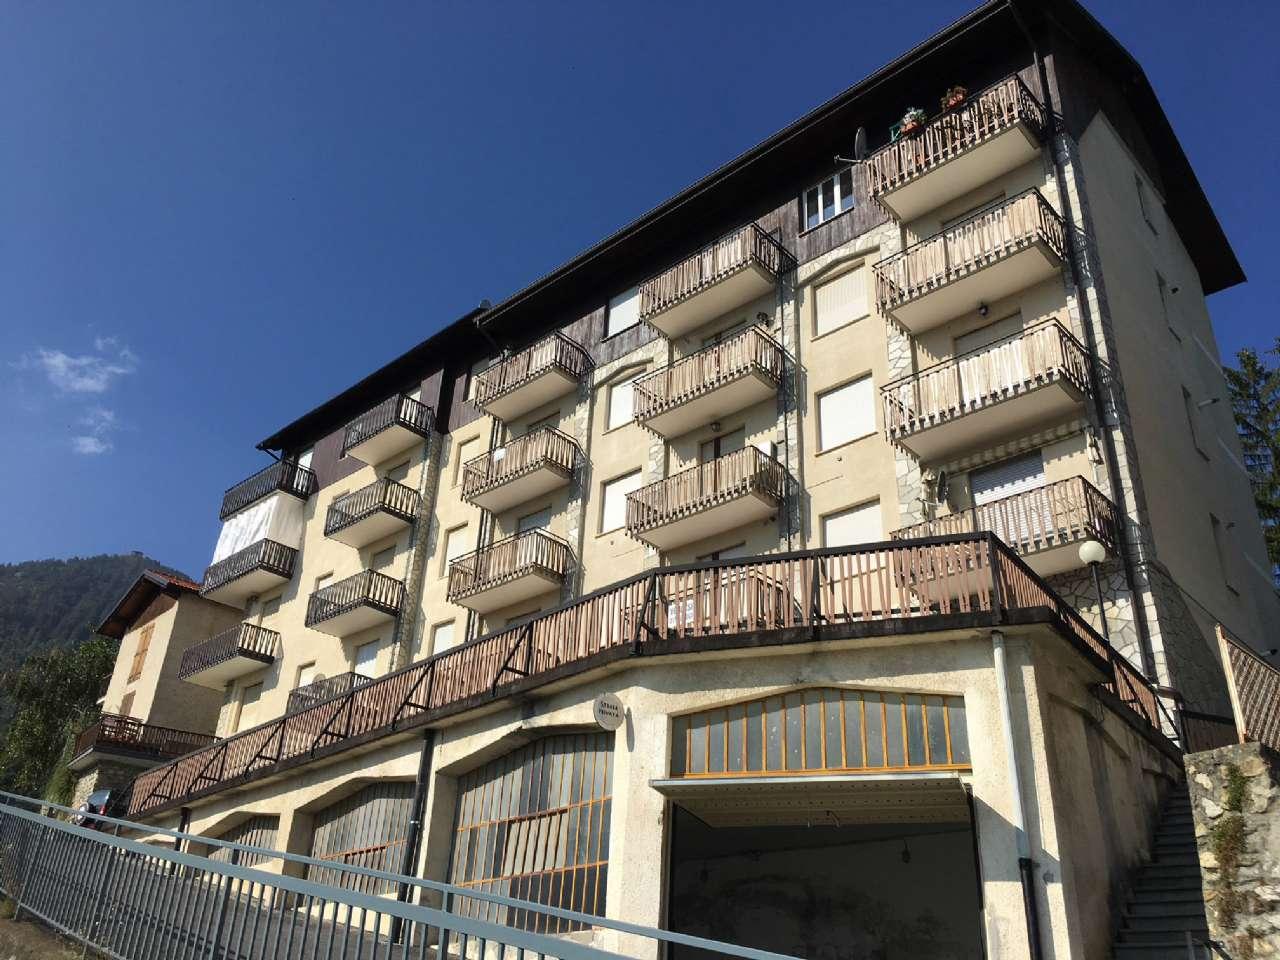 FRABOSA SOPRANA - Appartamento Trilocale fronte Pista